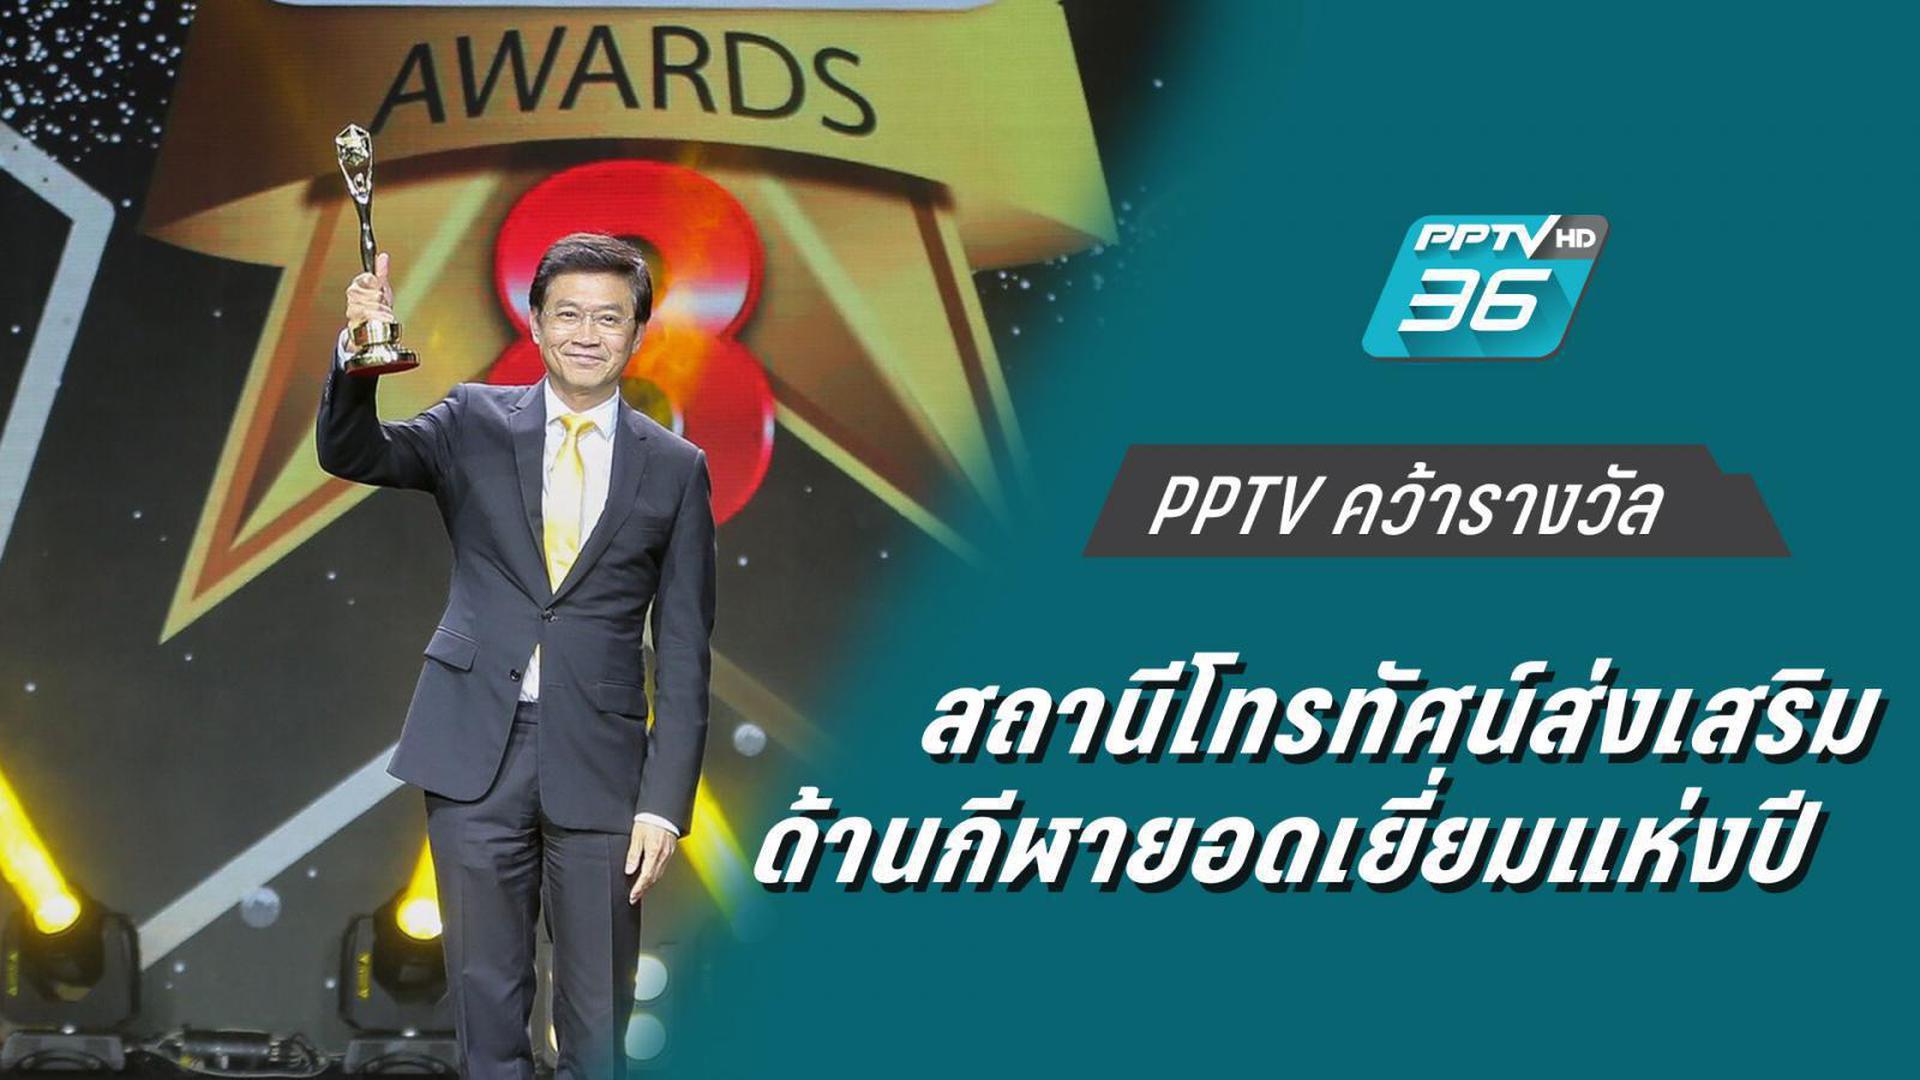 PPTV คว้ารางวัล สถานีโทรทัศน์ส่งเสริมด้านกีฬายอดเยี่ยมแห่งปี